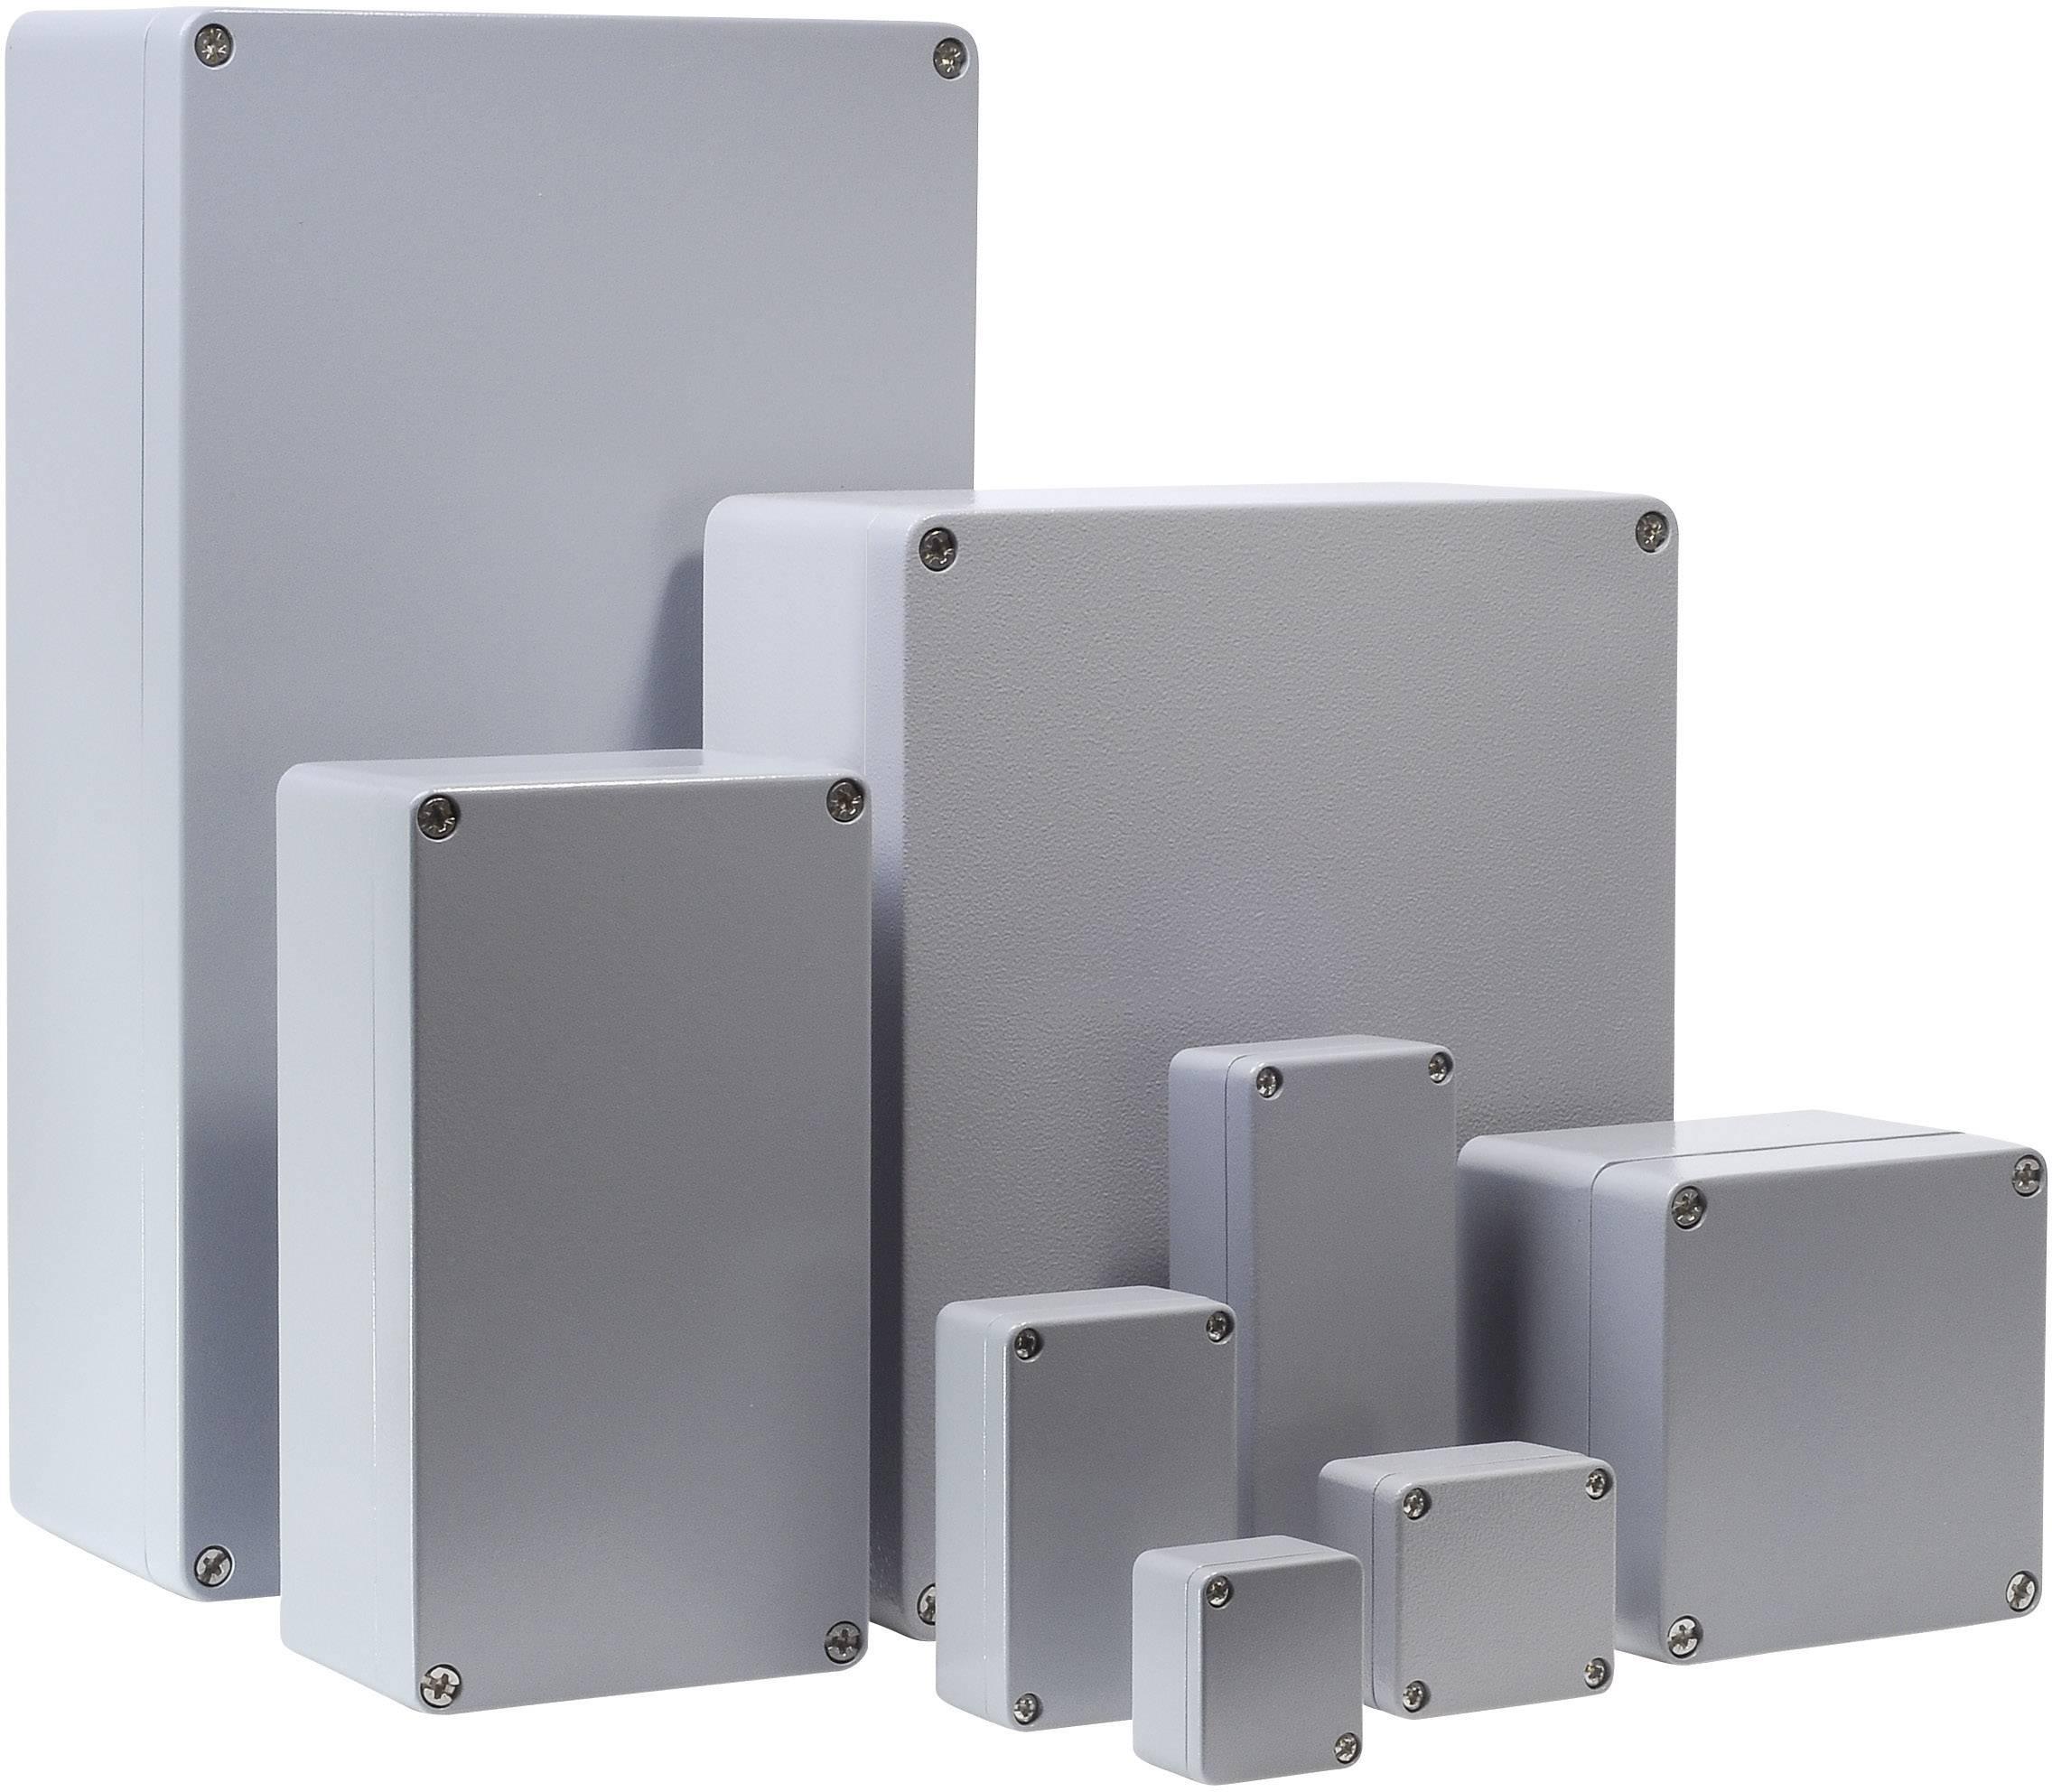 Univerzální pouzdro hliníkové Bernstein AG CA-020, (d x š x v) 50 x 45 x 30 mm, stříbrná